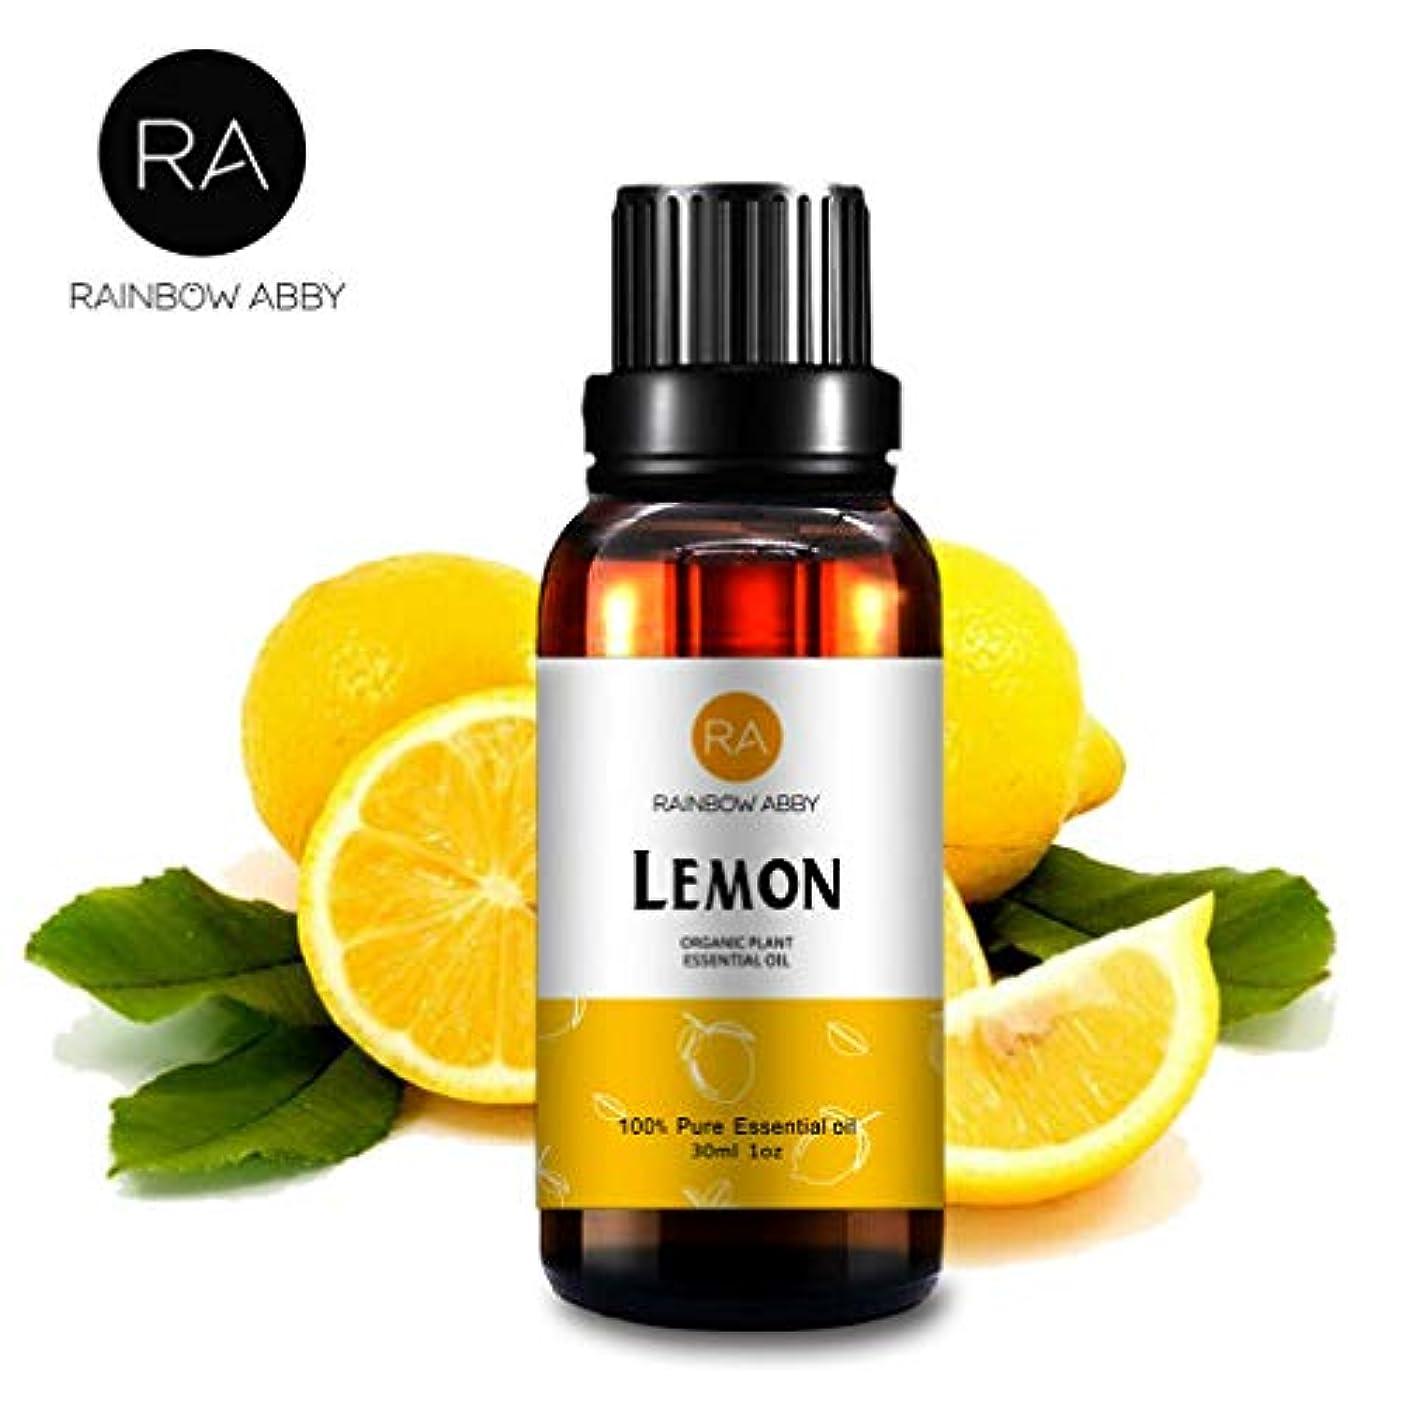 ひもスーダン便益RAINBOW ABBY レモンエッセンシャル オイル ディフューザー アロマ セラピー オイル (30ML/1oz) 100% ピュアオーガニック 植物 エキスレモン オイル